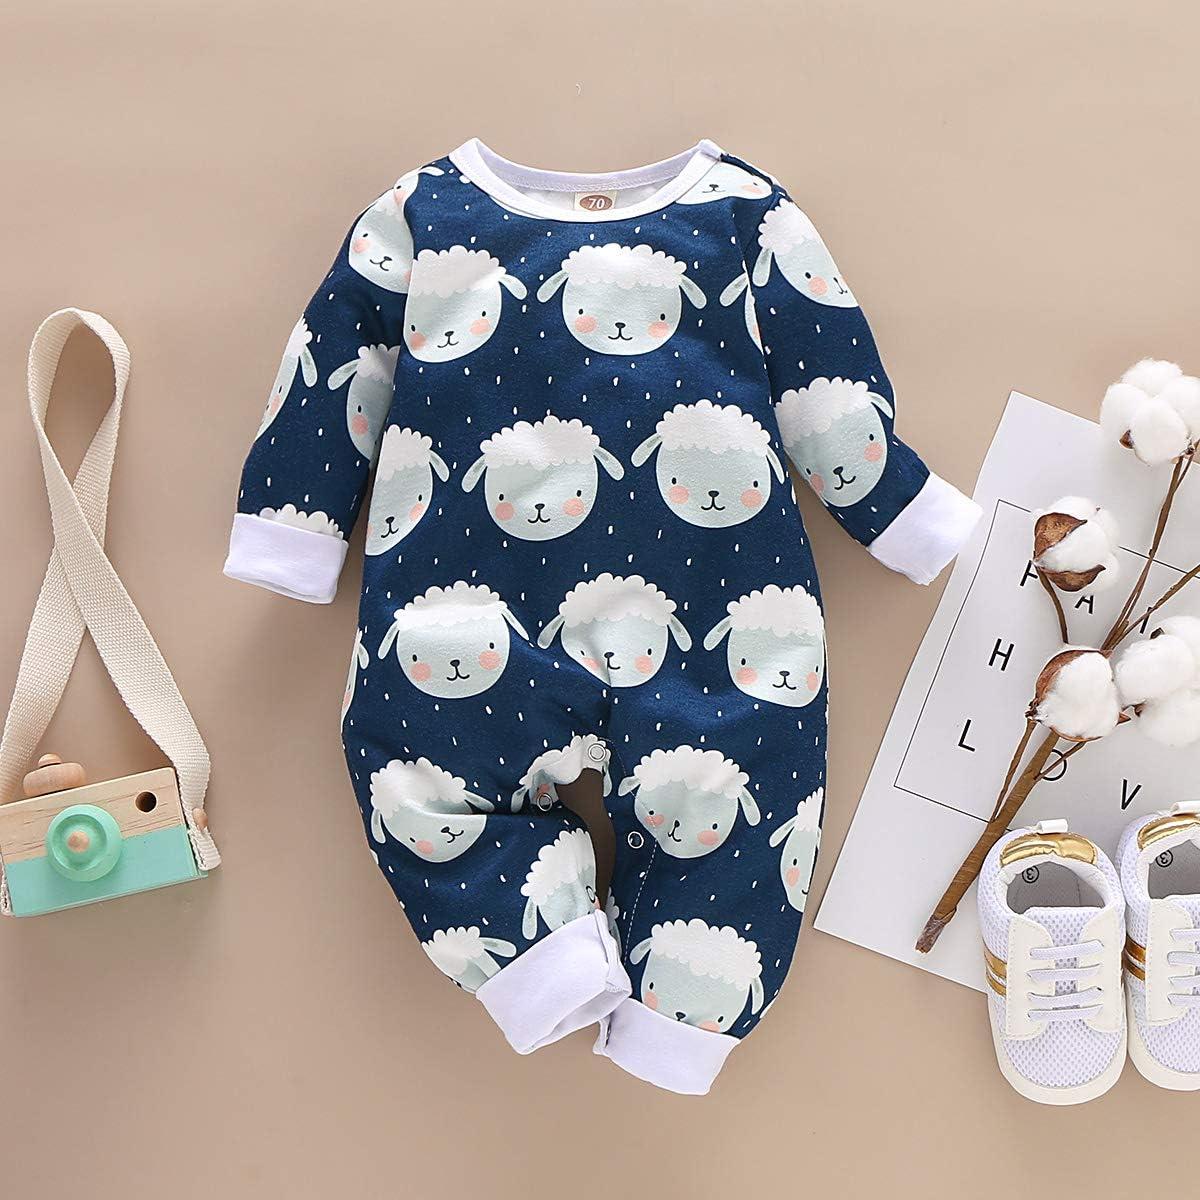 niedliches Schaf Jumpsuit Outfits f/ür 0-18 Monate Strampler f/ür Neugeborene Einteiler Babys